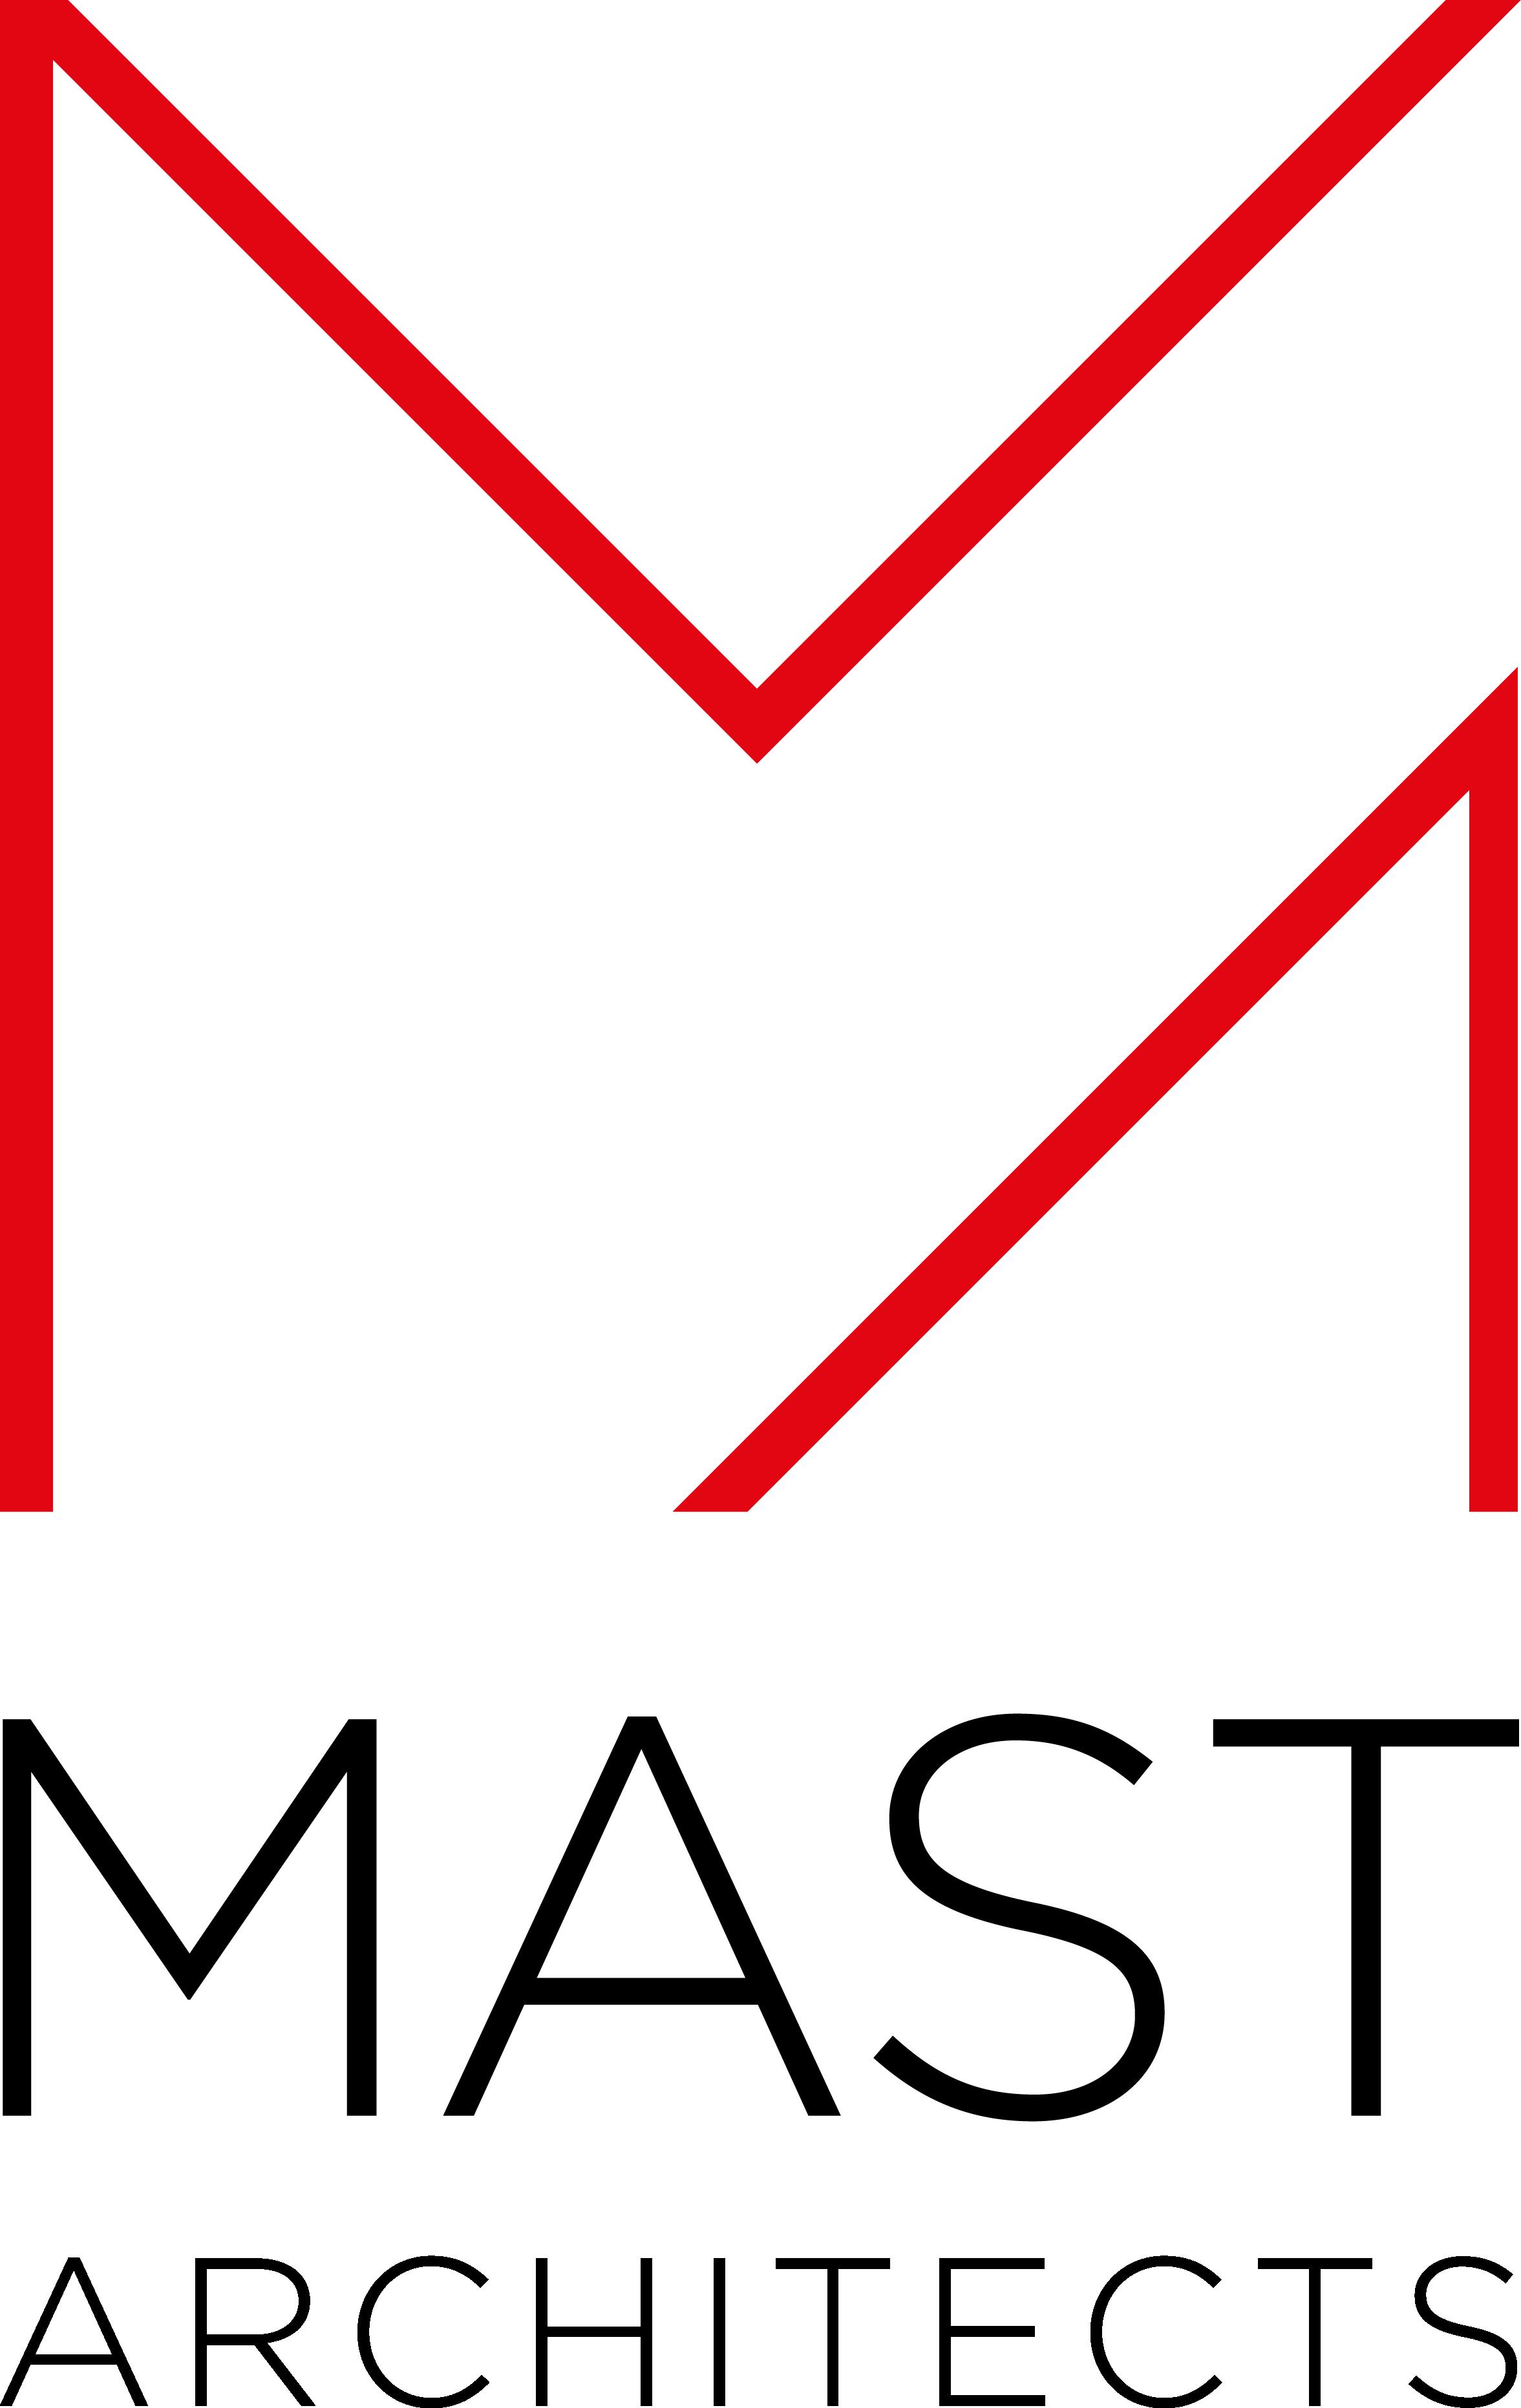 MAST Architects